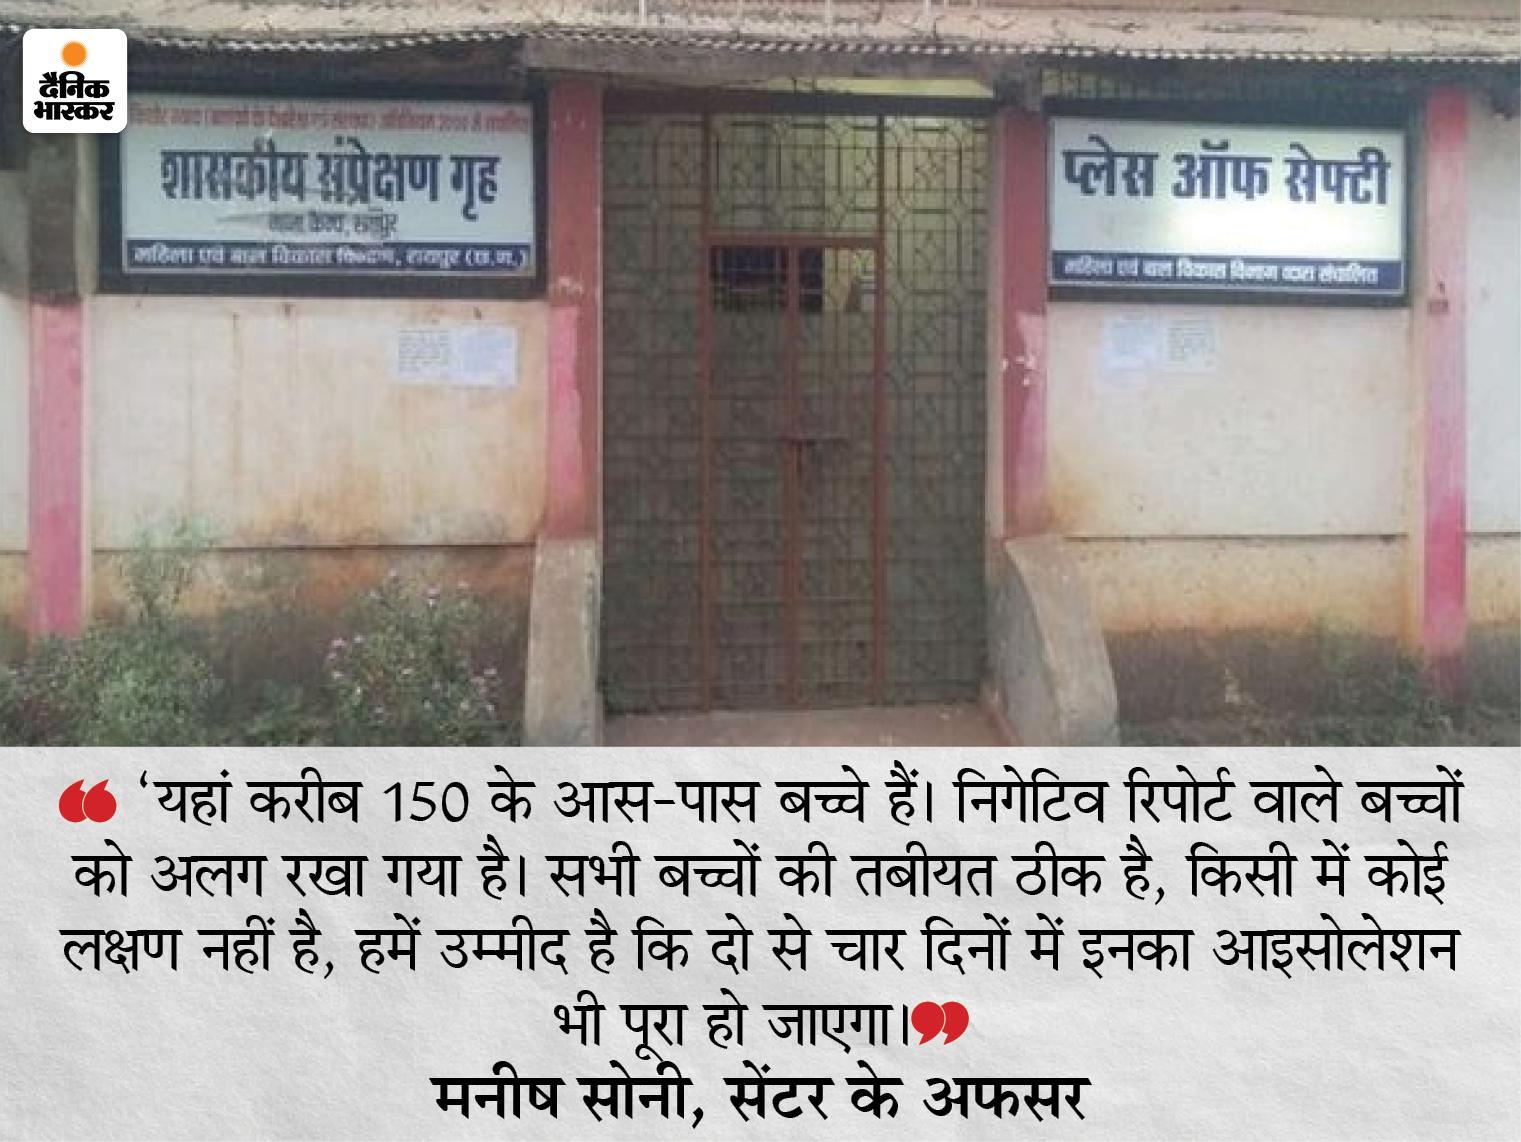 45 बच्चे एक साथ संक्रमित, 4 कर्मचारी भी पॉजिटिव; राहत ये कि सभी की हालत सामान्य, लक्षण भी नहीं रायपुर,Raipur - Dainik Bhaskar